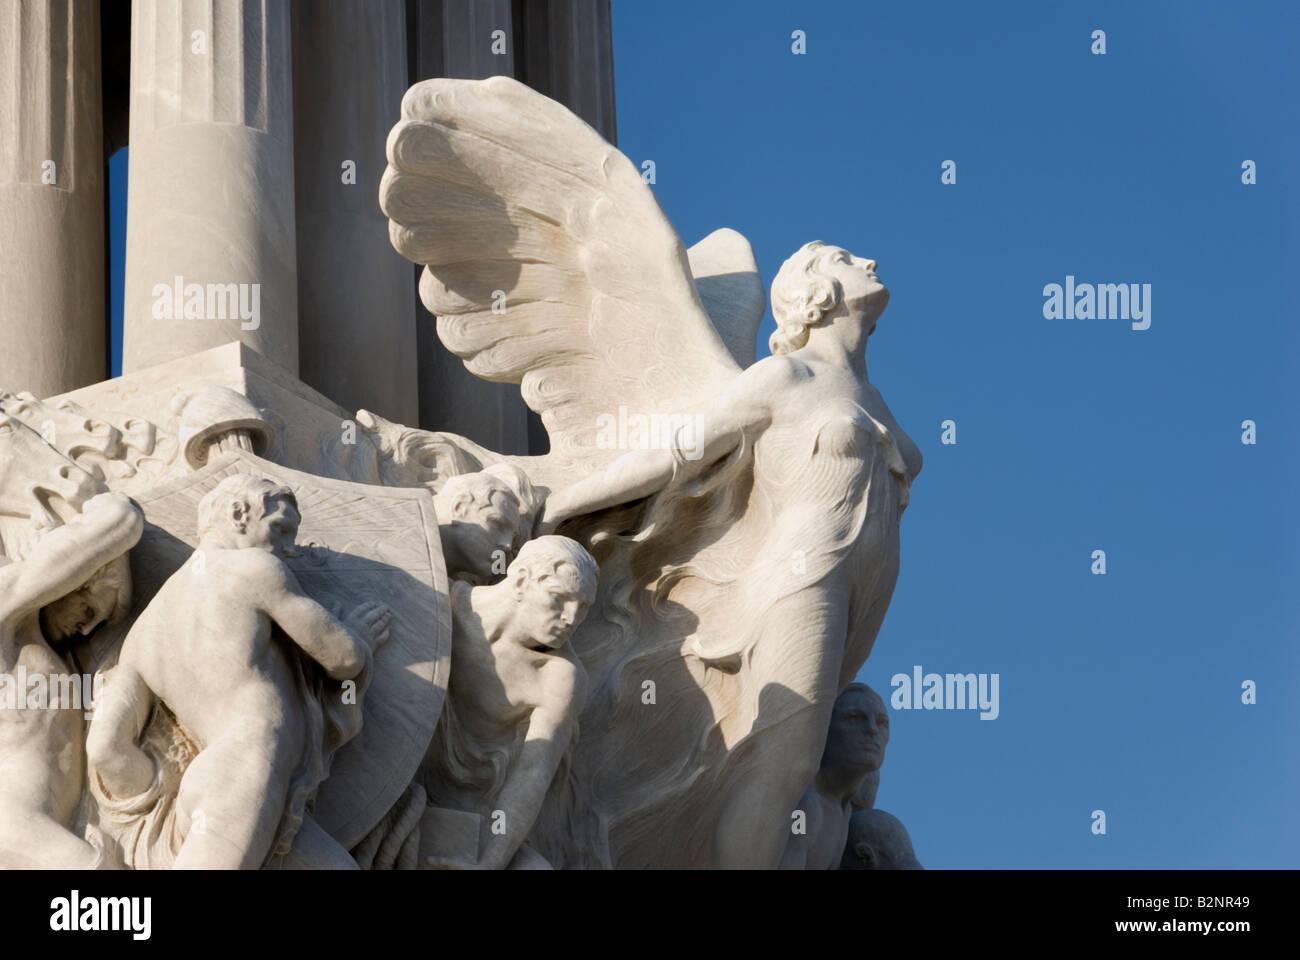 Dettaglio di una femmina di angelo su un Art Deco statua del coloniale Monumento a Maximo Gomez a La Habana Vieja Immagini Stock